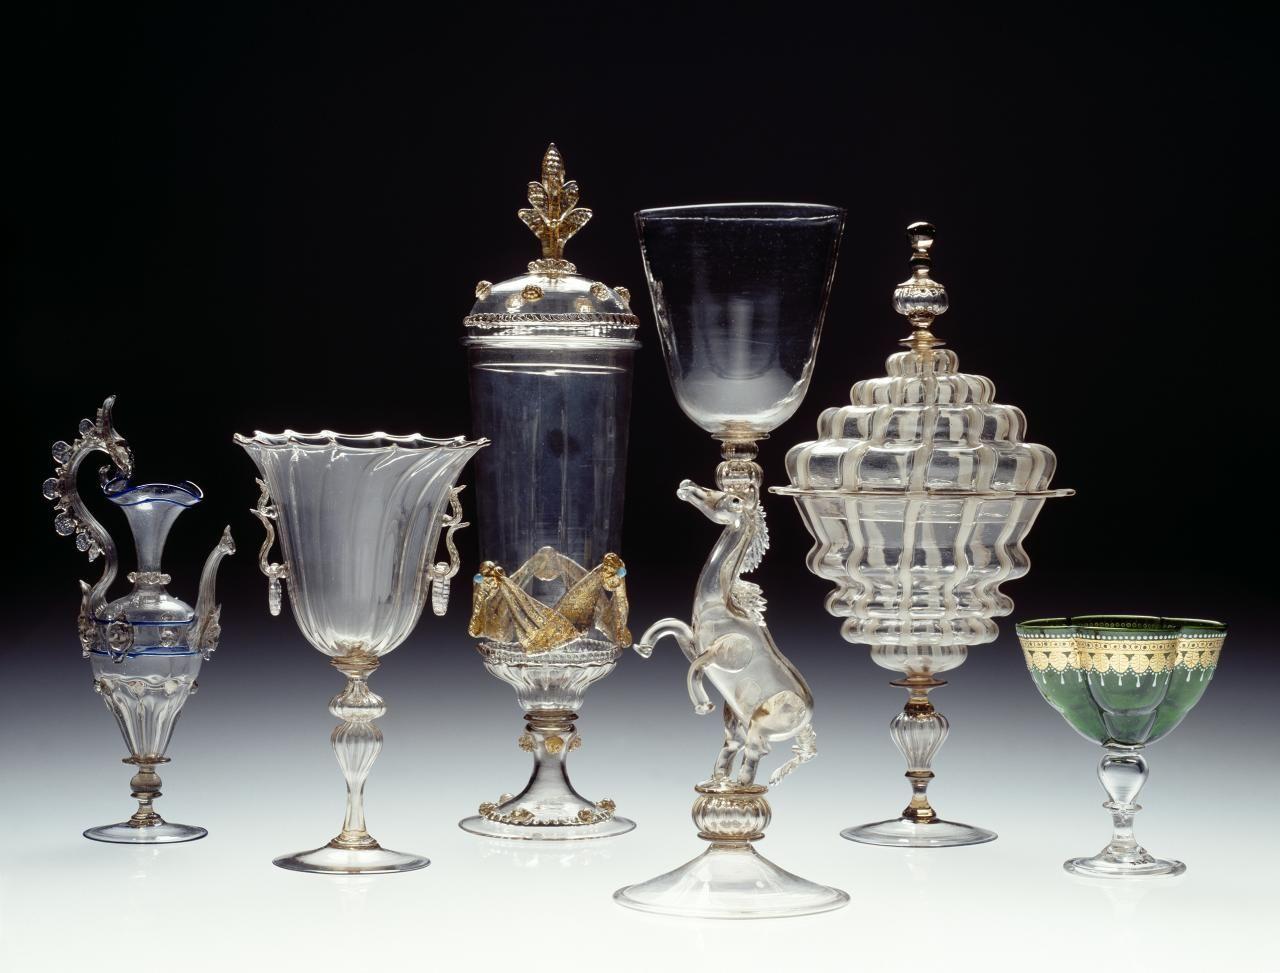 фото хрусталя и венецианское стекло почему-то многие